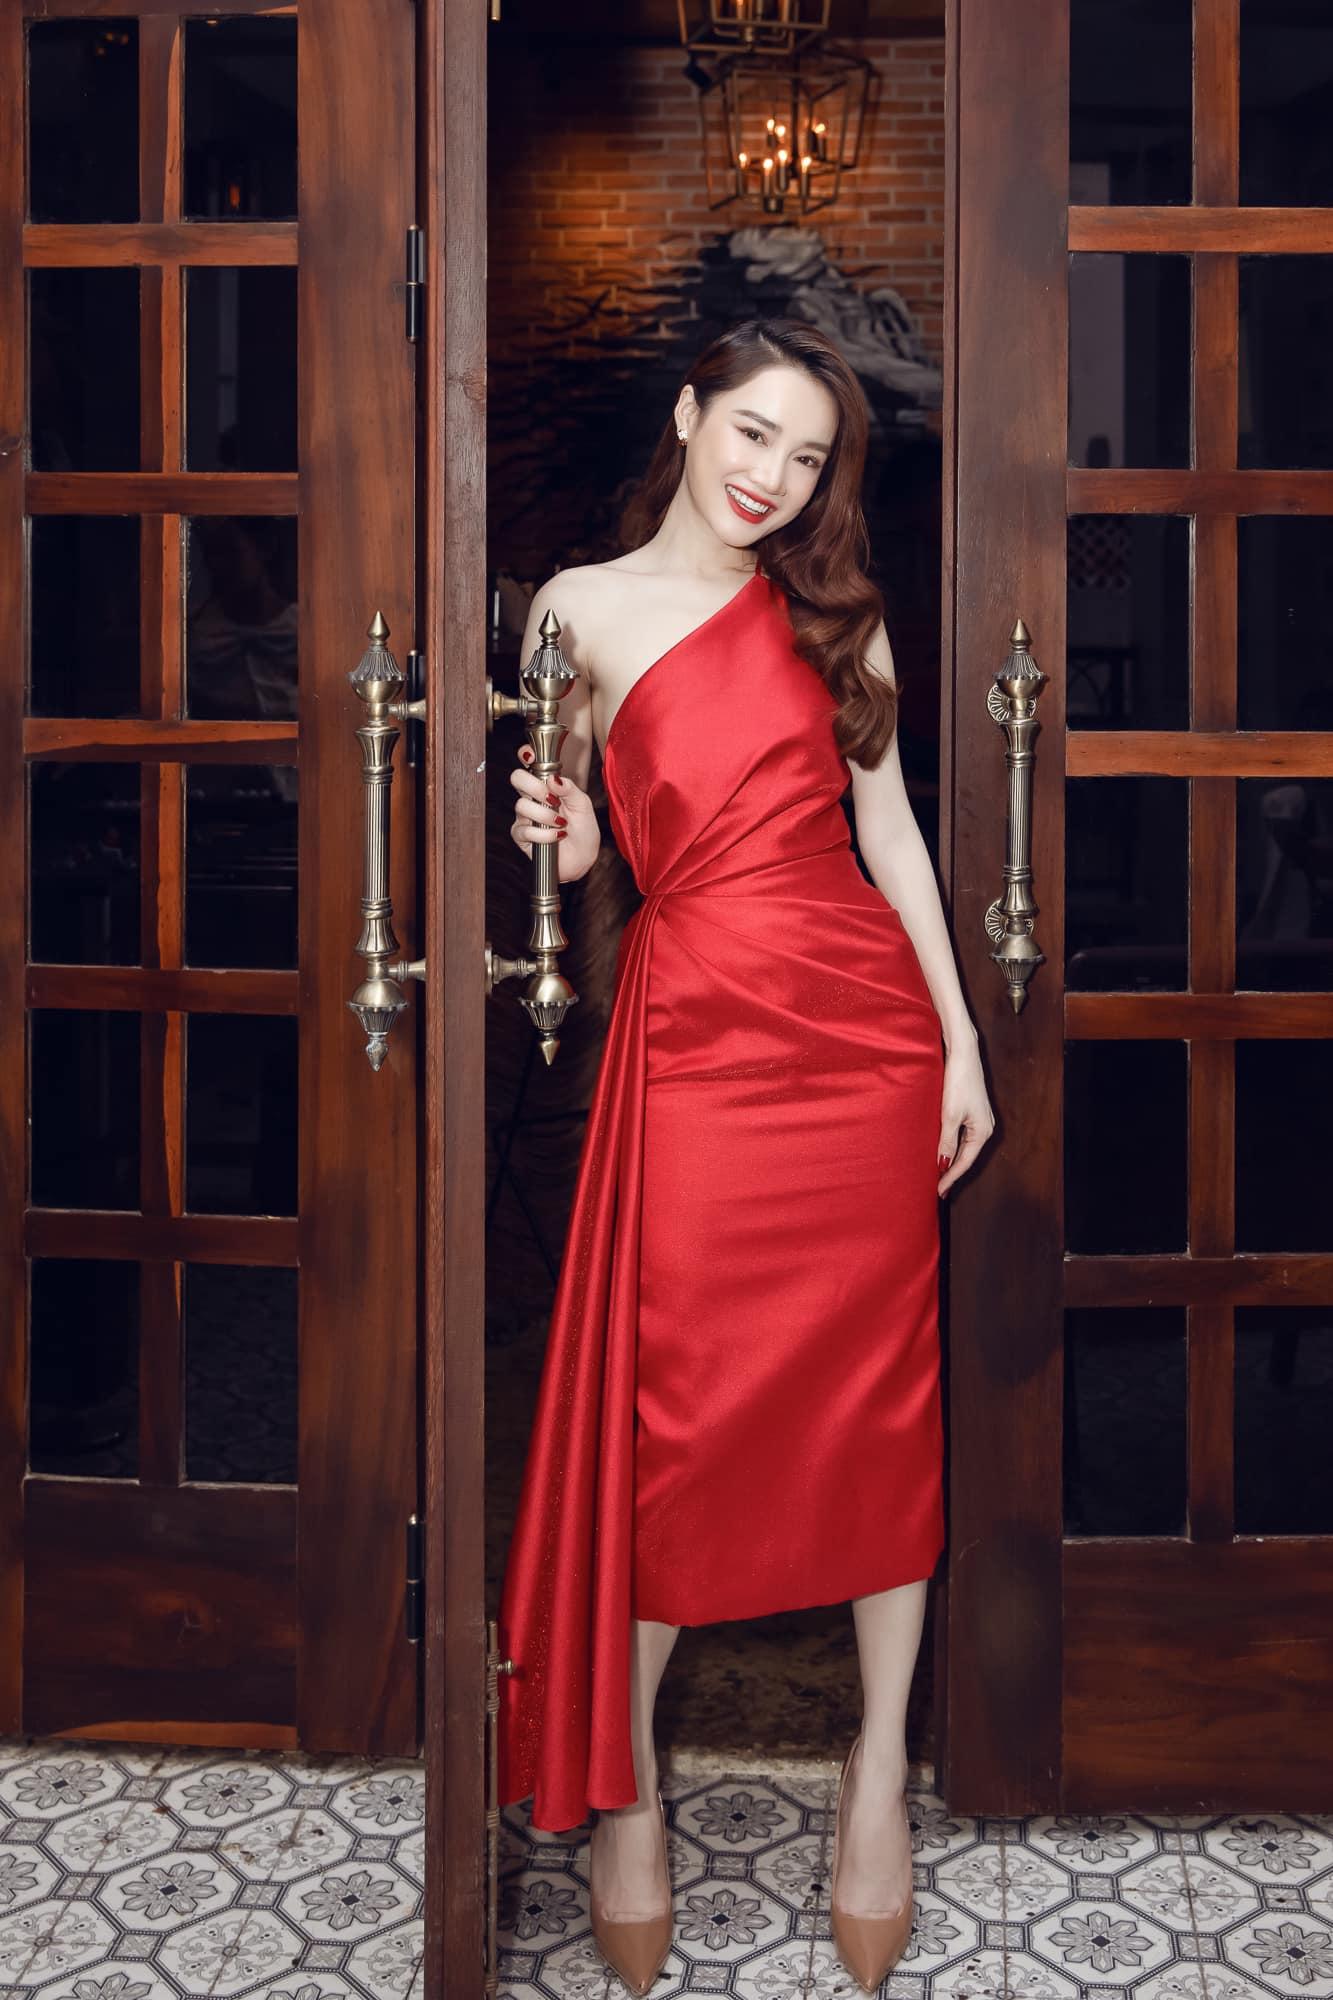 """Chưa đầy 2 tuần, sao Việt đã cạnh tranh gay gắt ngôi """"nữ hoàng thảm đỏ"""" năm 2021: Tiếc là chưa ai qua được Ngọc Trinh - Ảnh 8."""